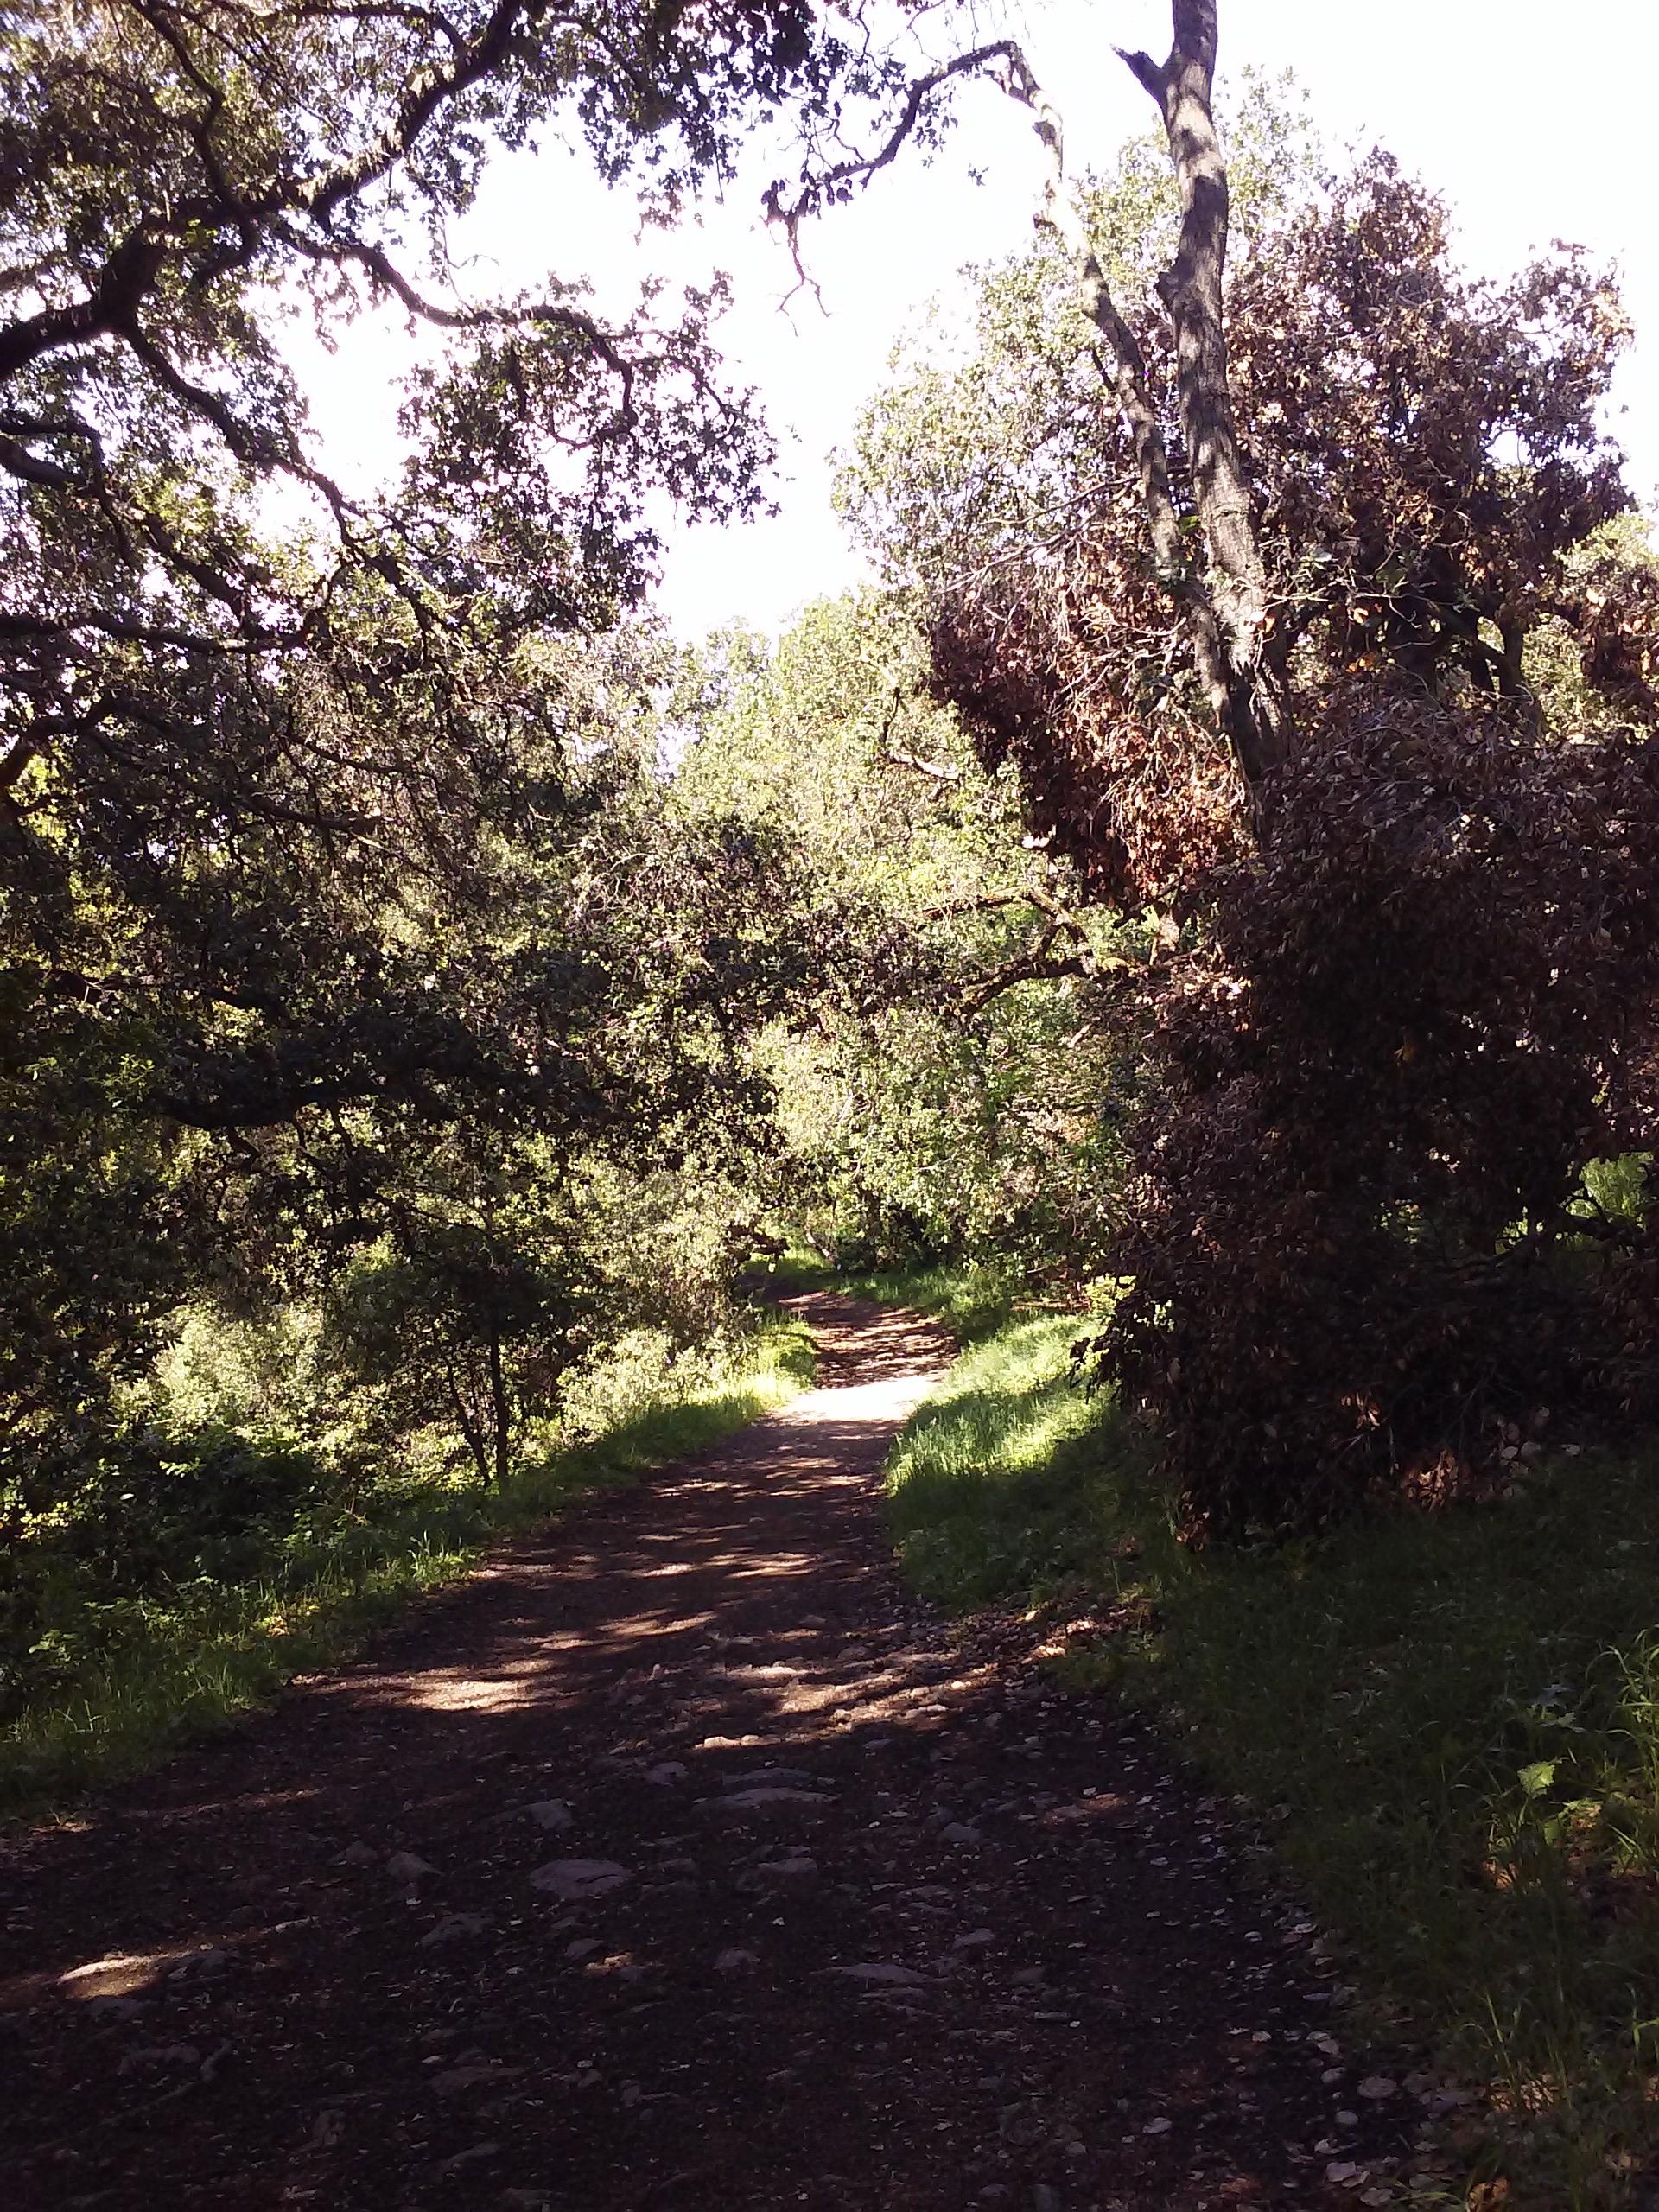 santa-teresa-county-park-4.jpg